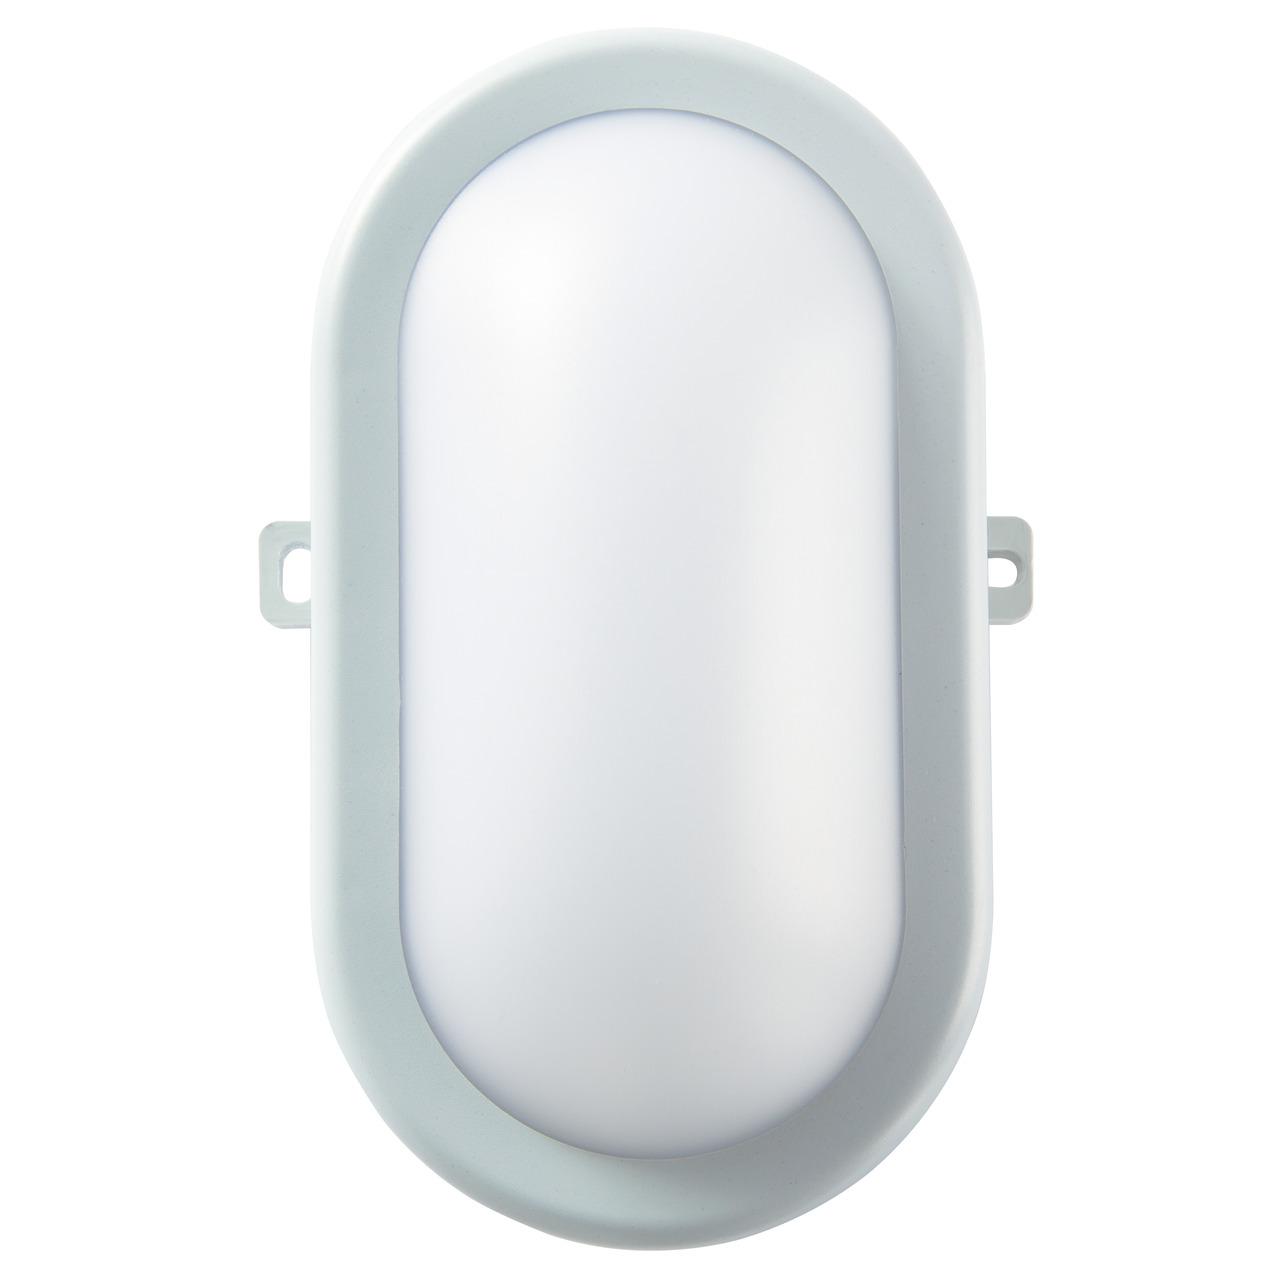 HEITRONIC 10-W-LED-Wand-Deckenleuchte Bodrum- 700 lm- neutralweiss- IP54